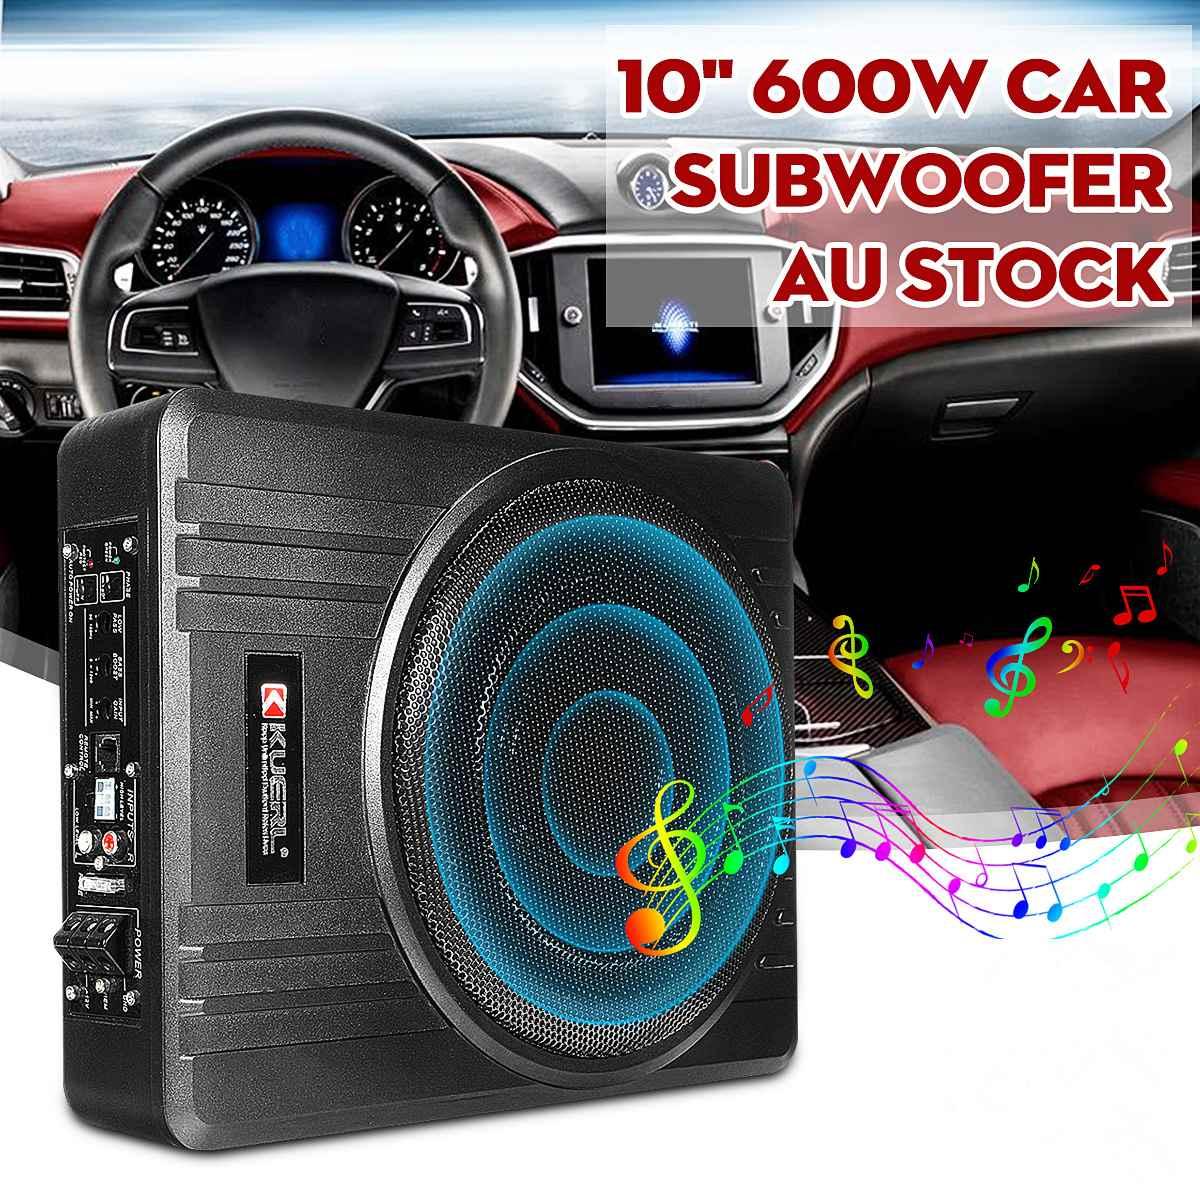 10 pouces 600 W voiture Subwoofer voiture Audio mince sous siège caisson de basses actif amplificateur de basse haut-parleur amplificateur de voiture Subwoofer Woofer